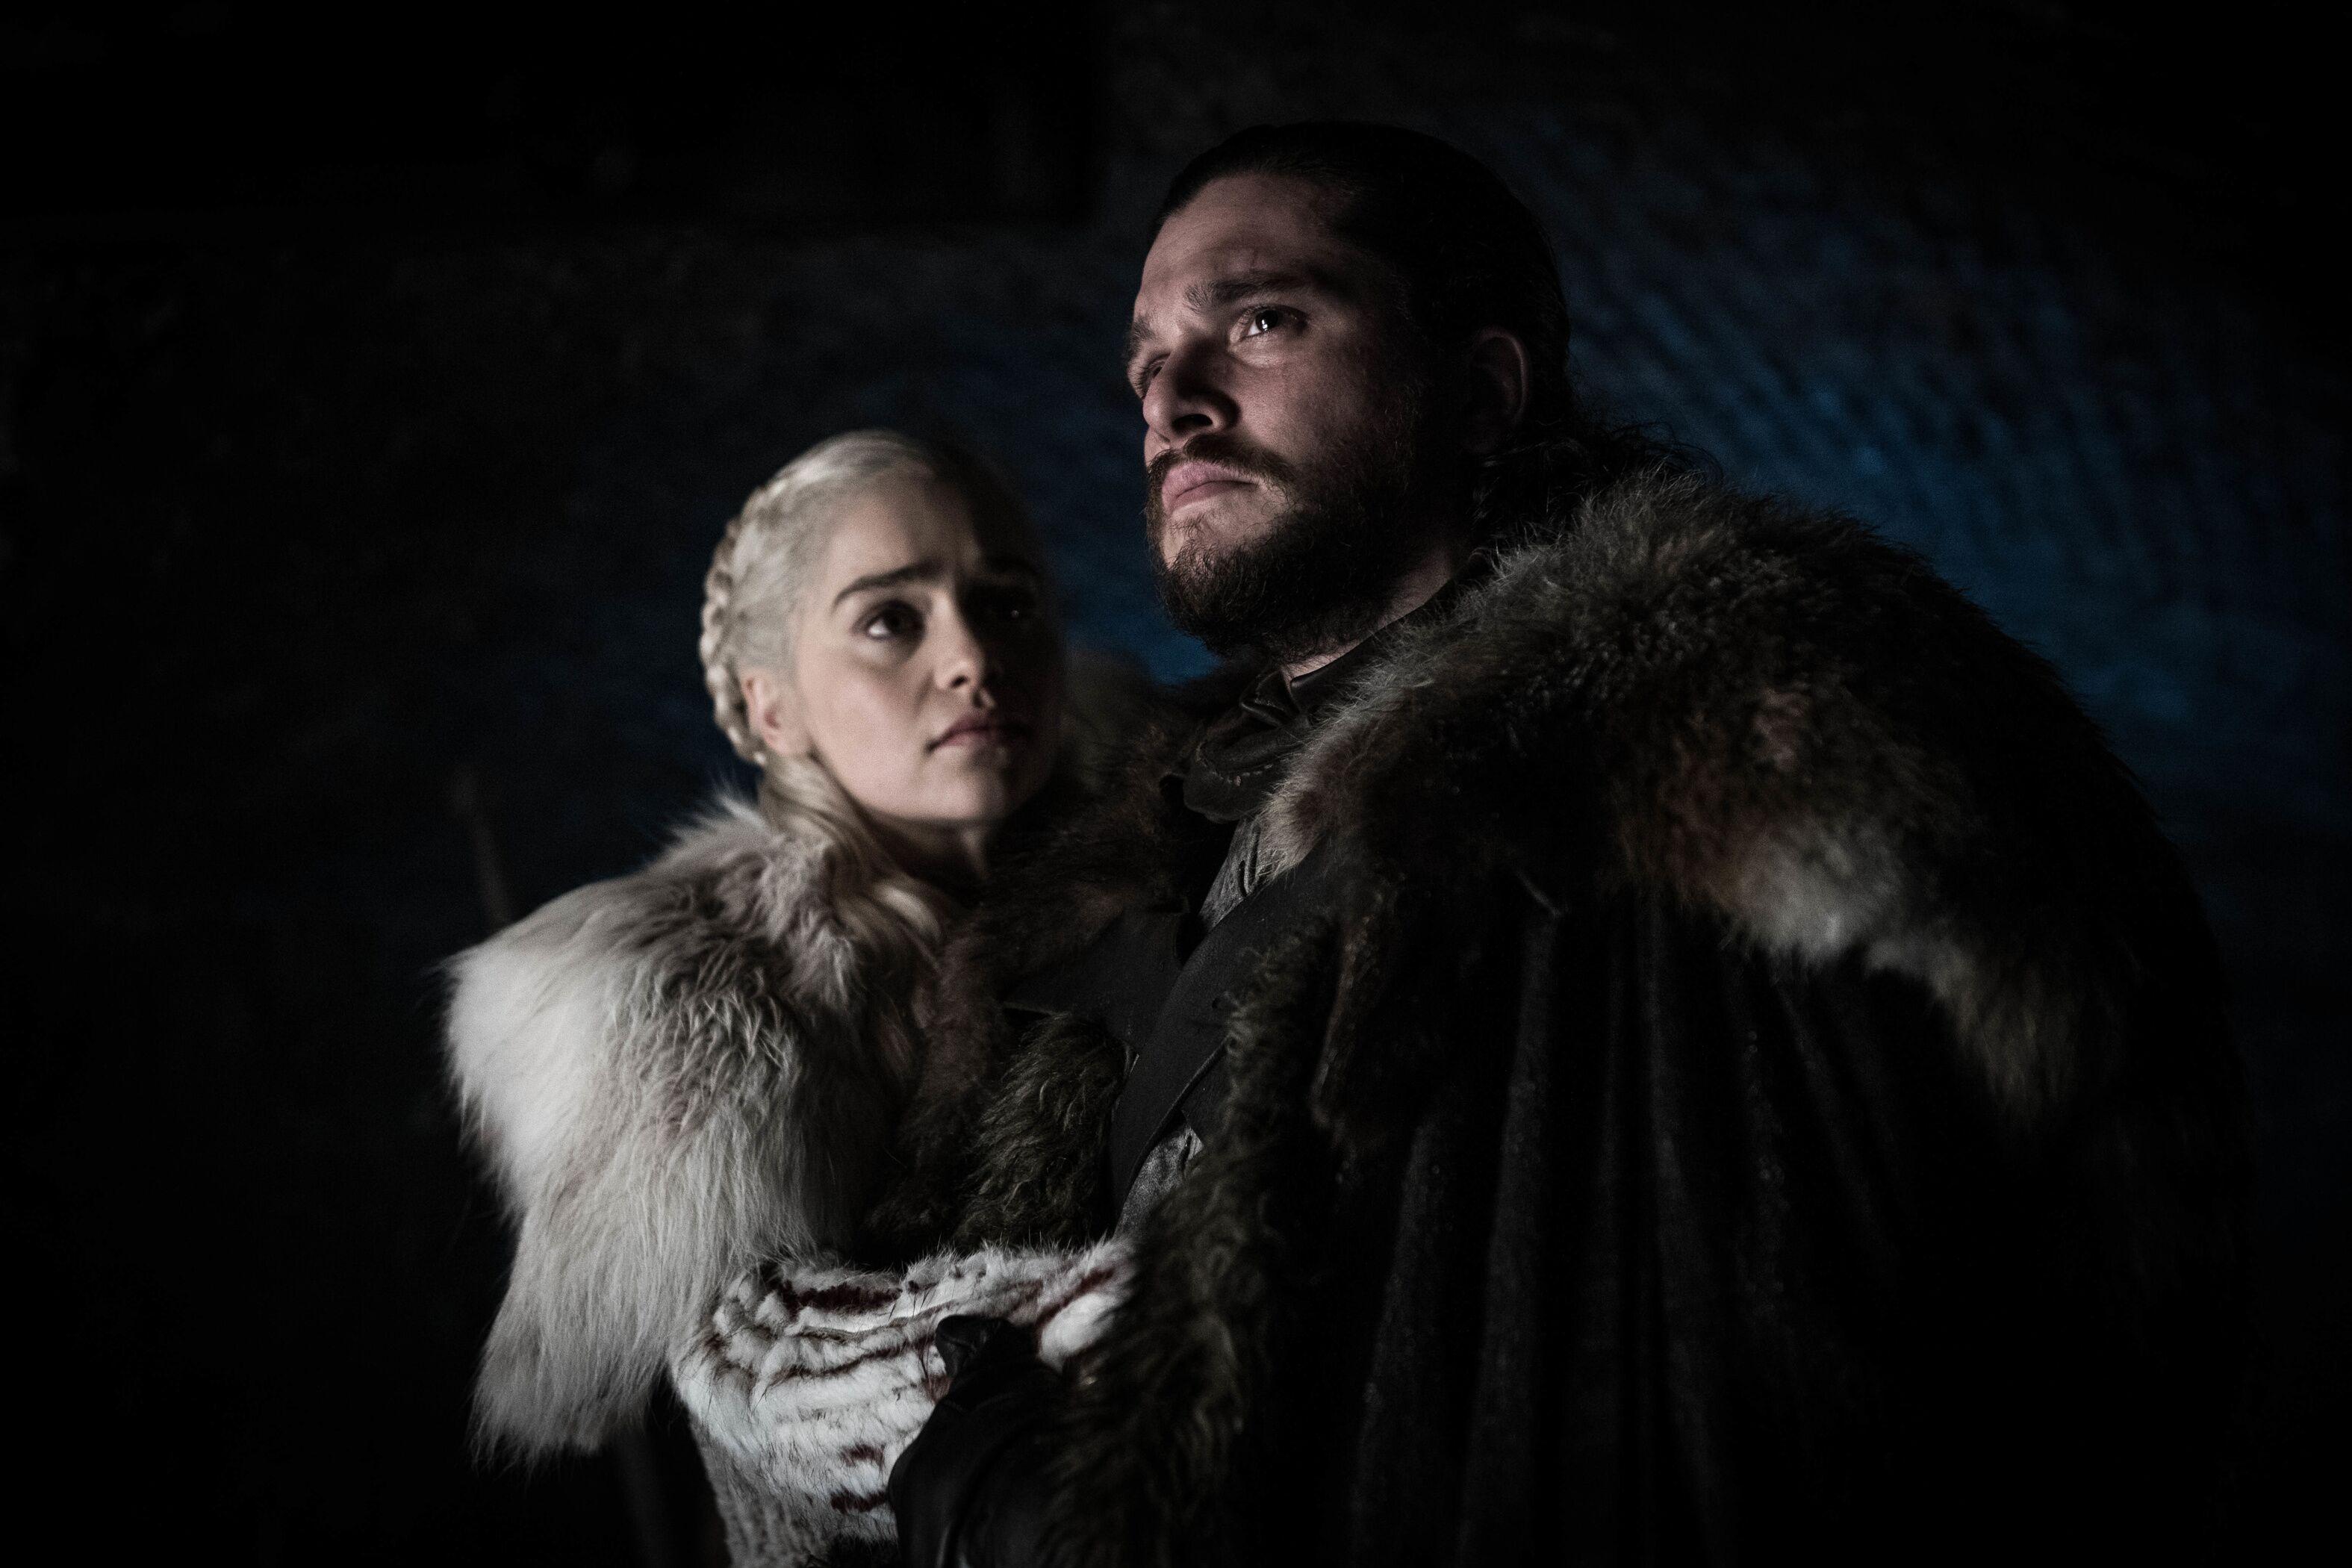 Does Jon die in the Game of Thrones series finale?